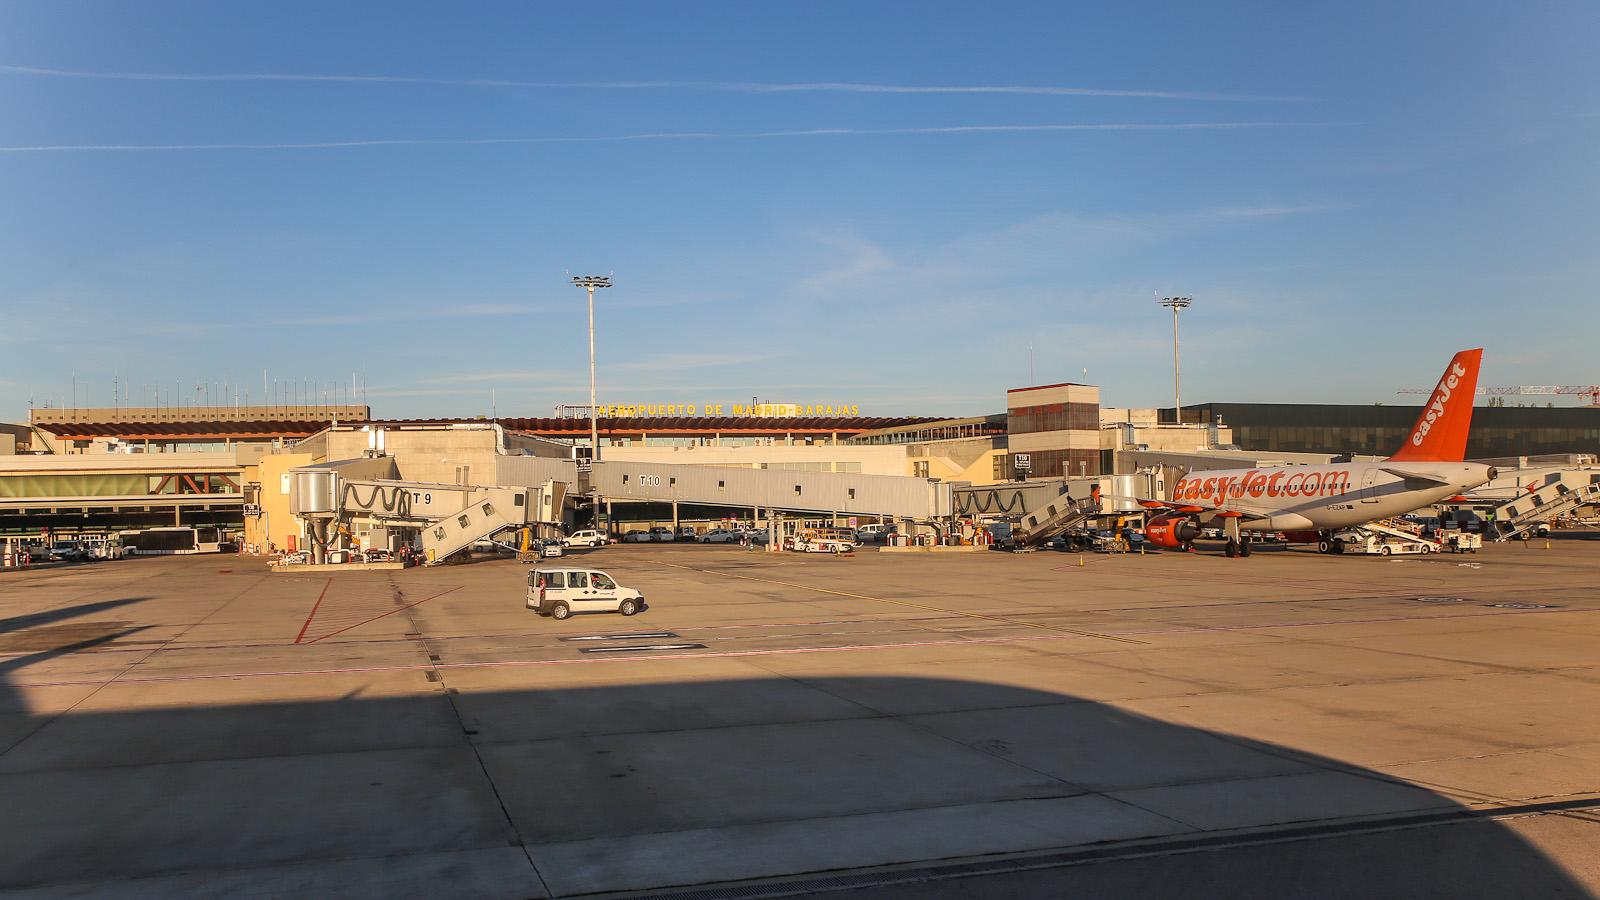 Терминал 1 аэропорта Барахас в Мадриде